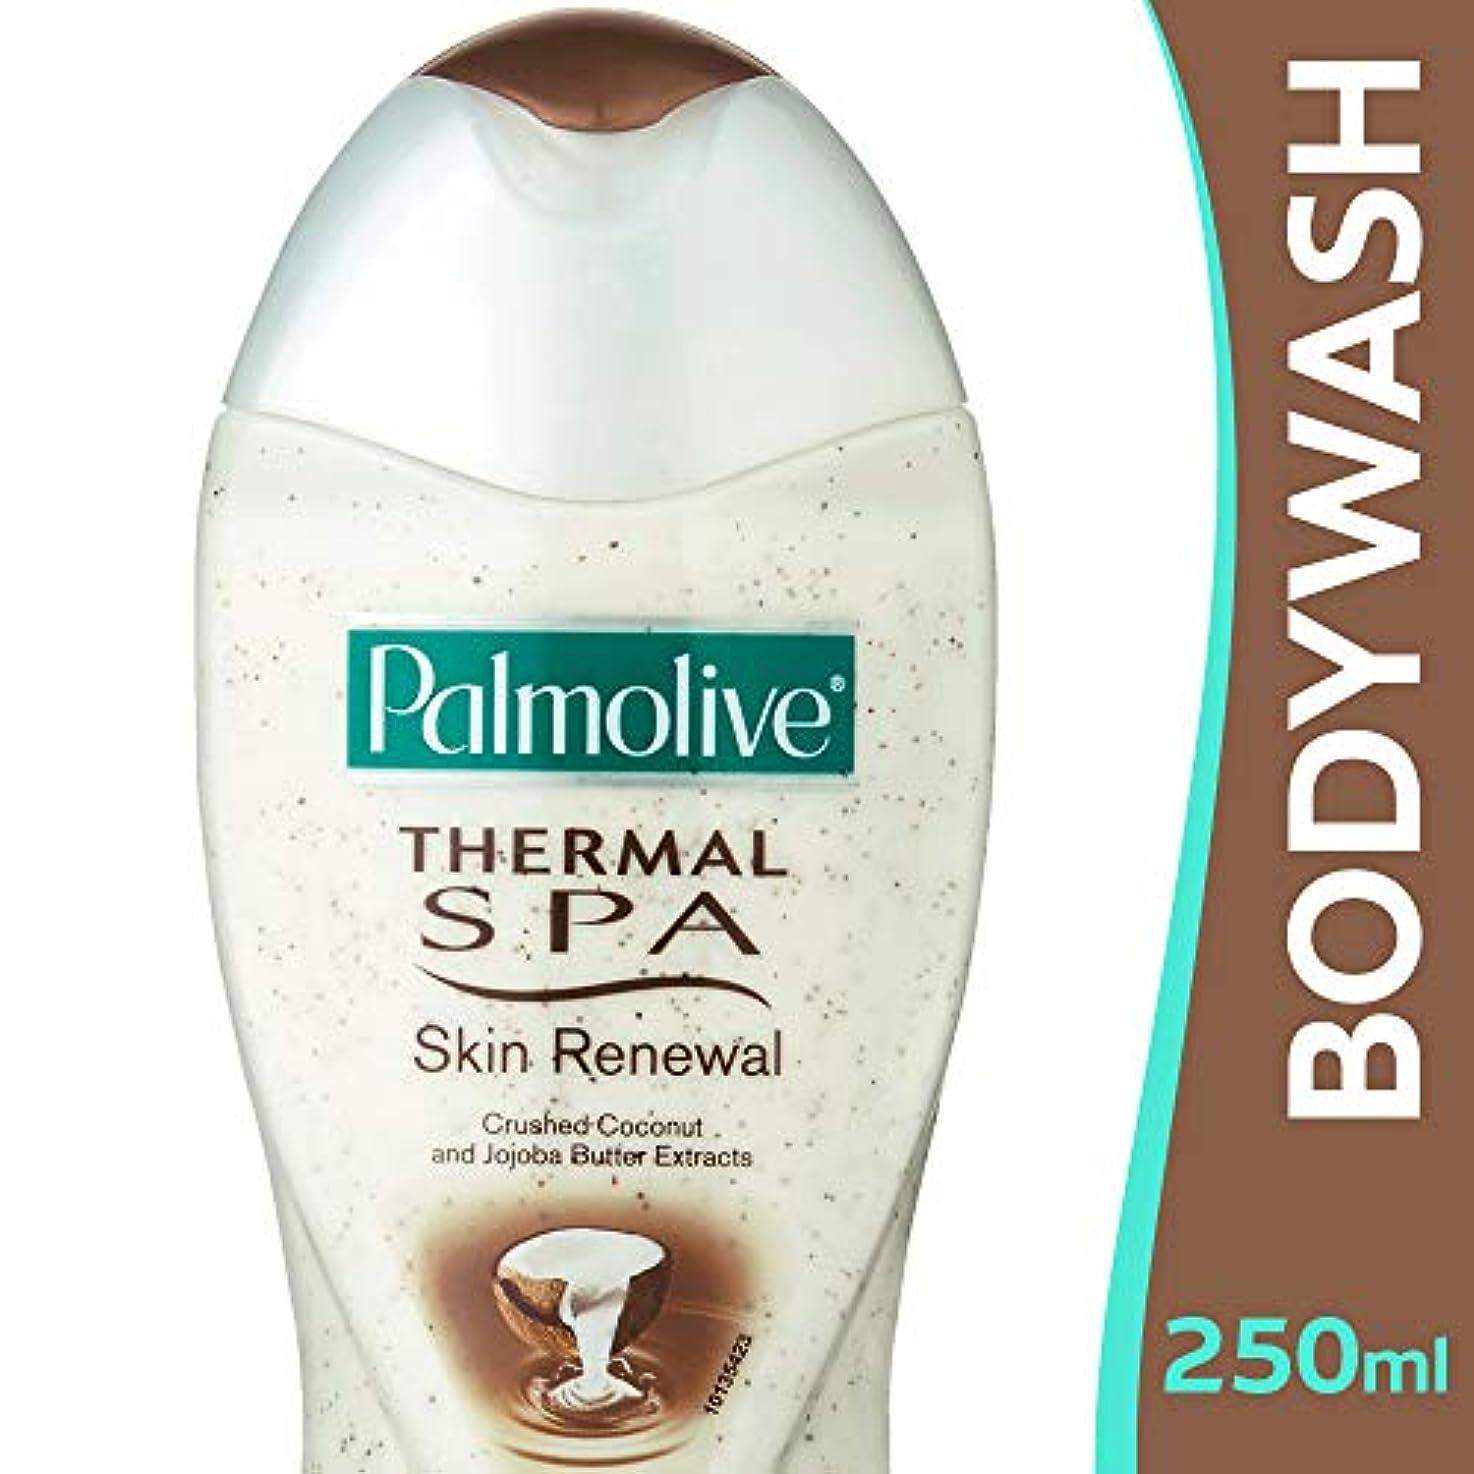 バー広げる責めPalmolive Bodywash Thermal Spa Skin Renewal Shower Gel - 250ml